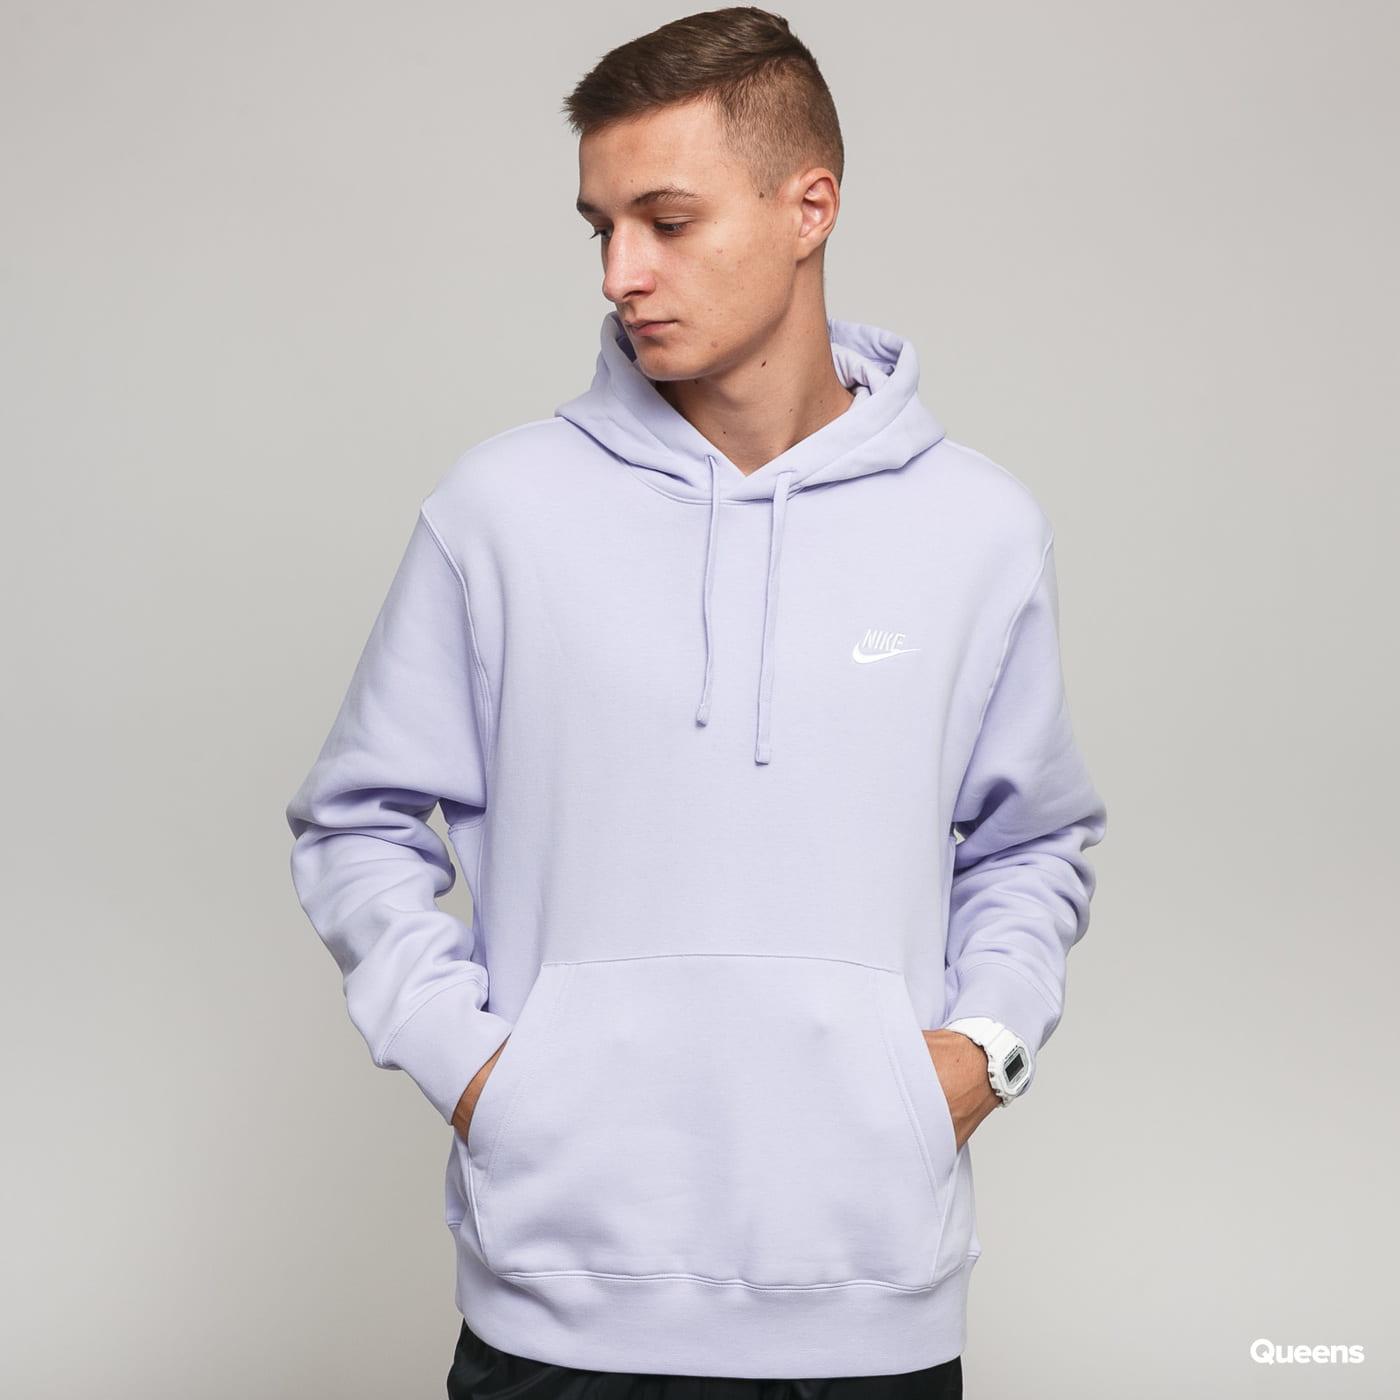 nike queens hoodie